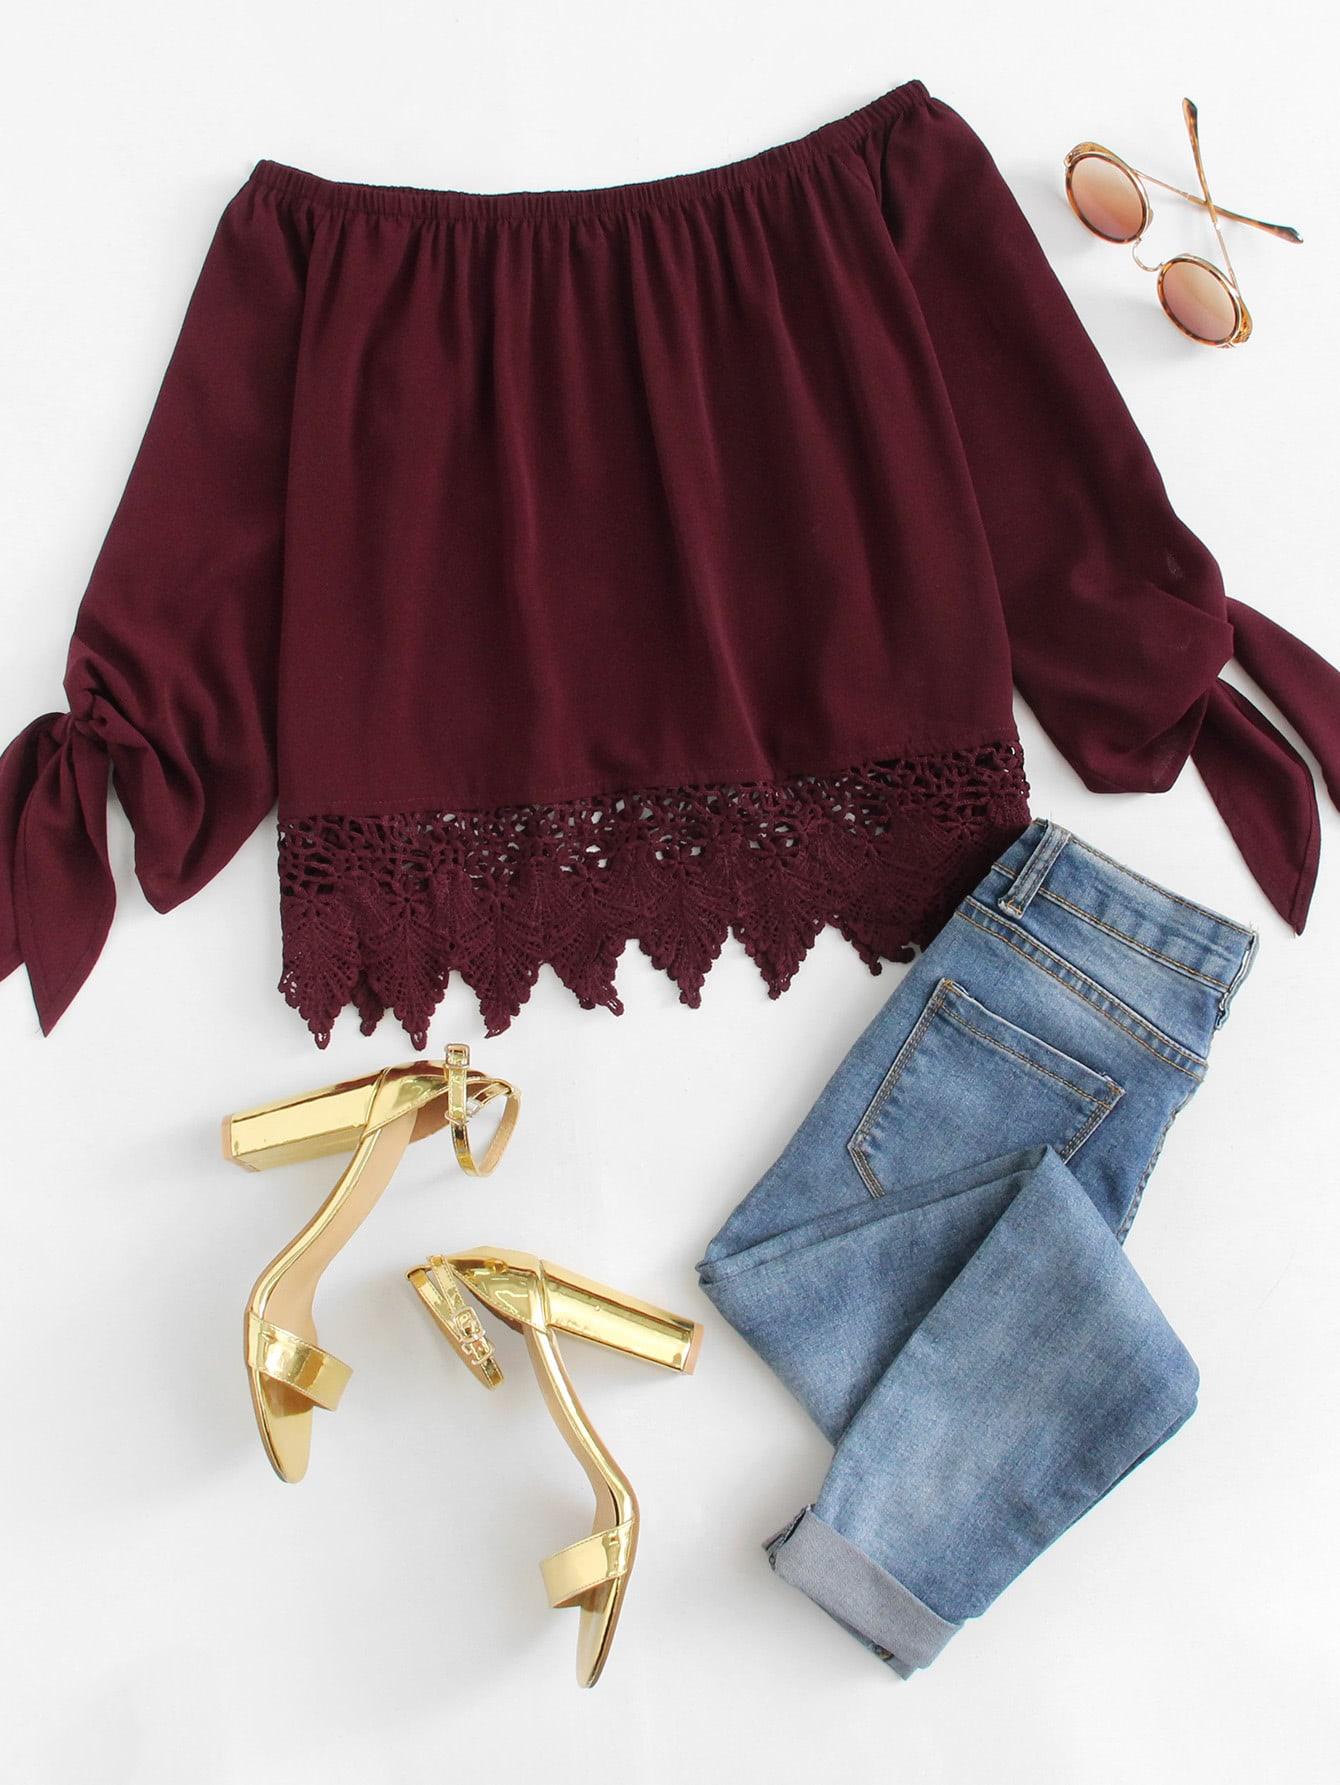 Купить Отпускнойстиль Одноцветный с бантом Бордовый Блузы+рубашки, null, SheIn